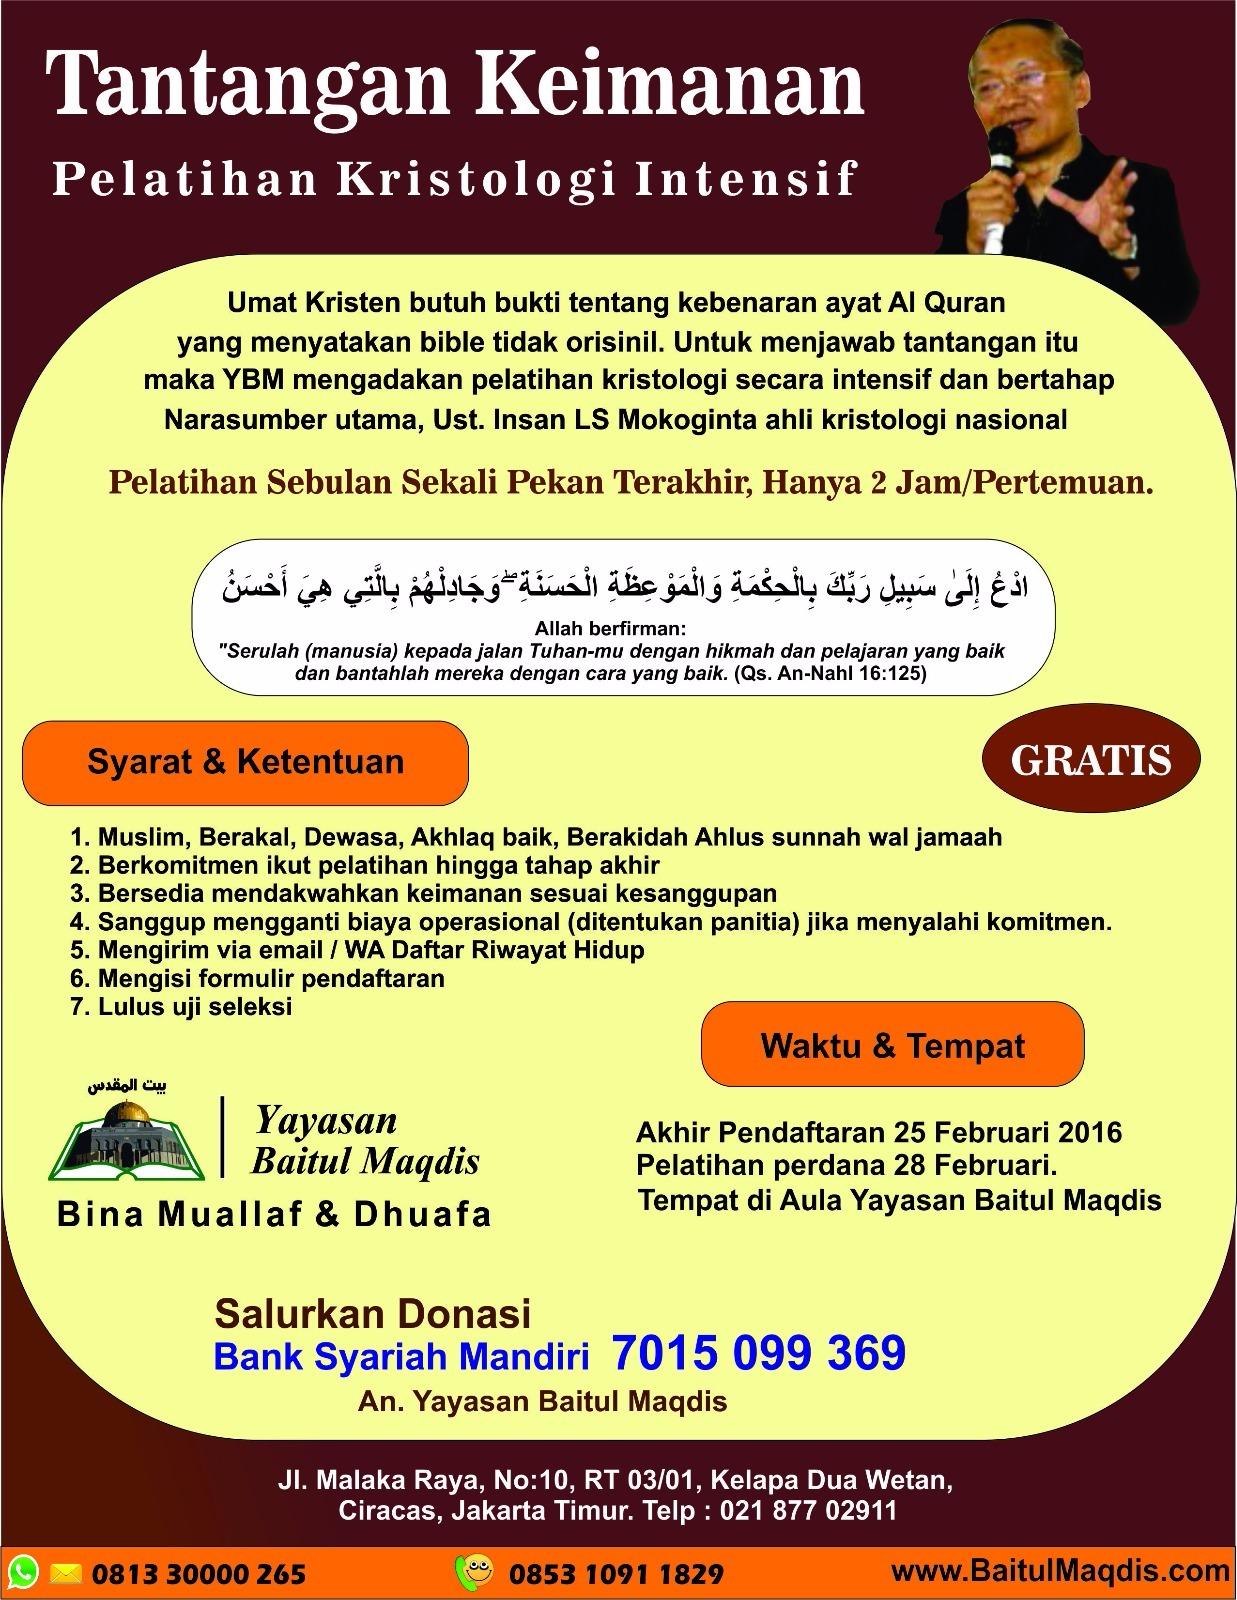 Pelatihan Kristologi intensif oleh Ust.Insan Mokoginta yang diadakan oleh Yayasan Baitul Maqdis.